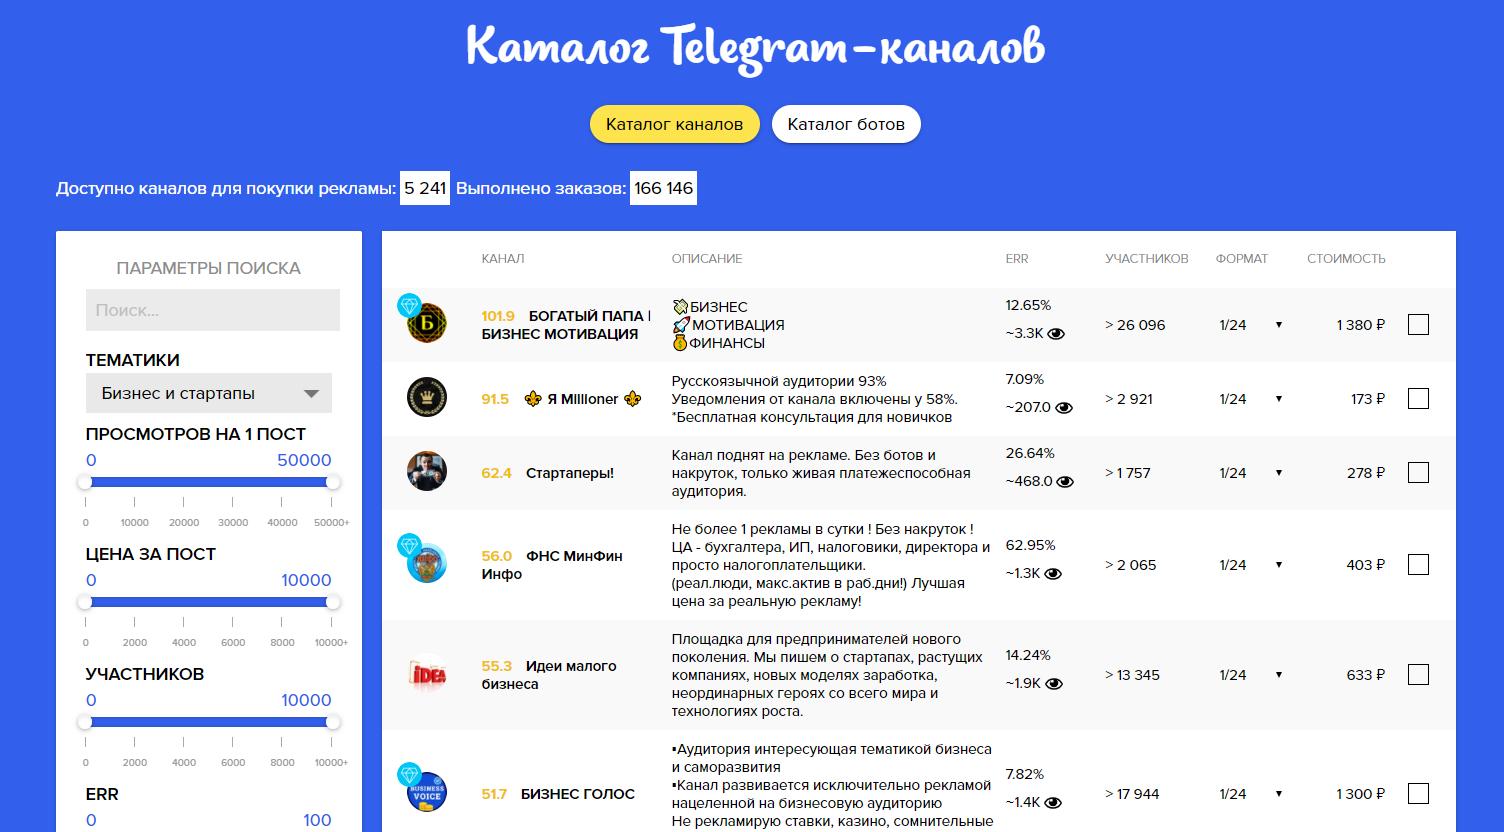 Купить рекламуТелеграм-каналов возможно на Telega